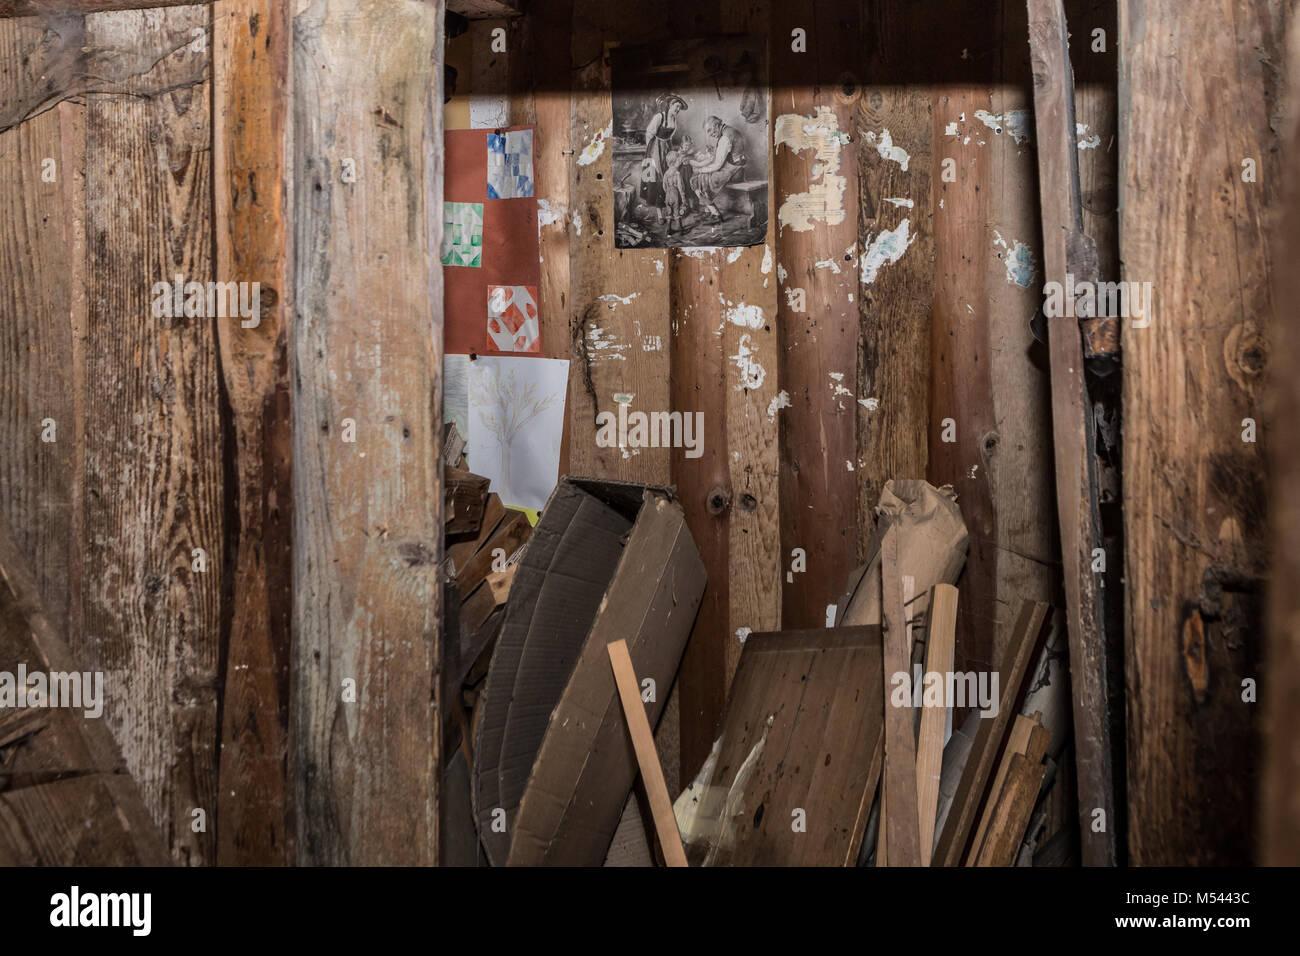 Alte Zimmer im verlassenen Haus - verlorene Ort Stockbild